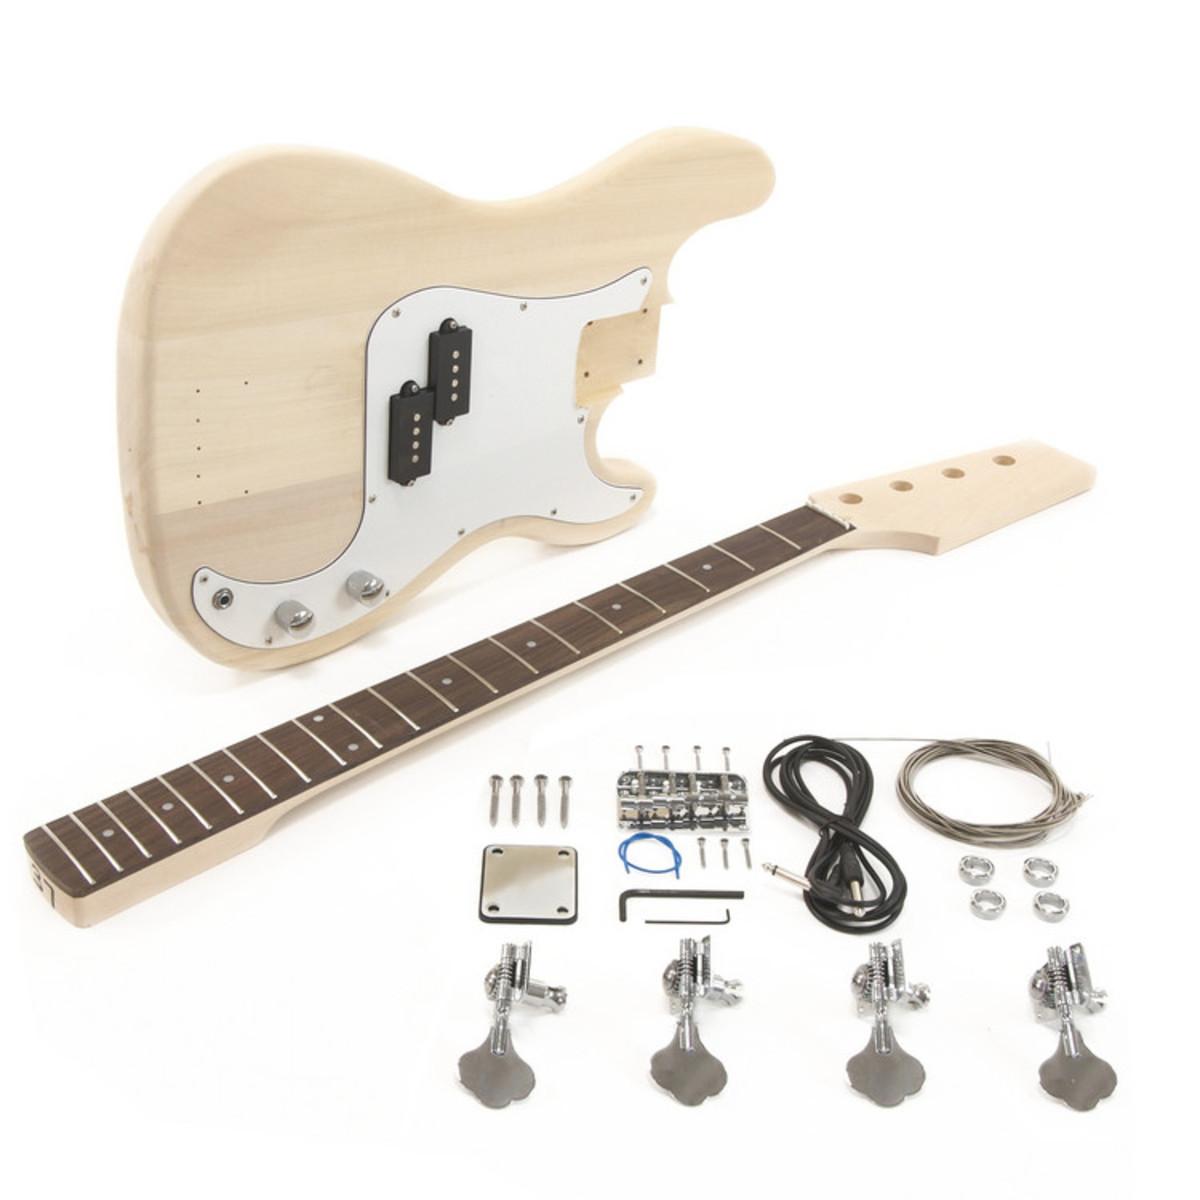 diy bass guitar kit la electric bass guitar diy kit at gear4music